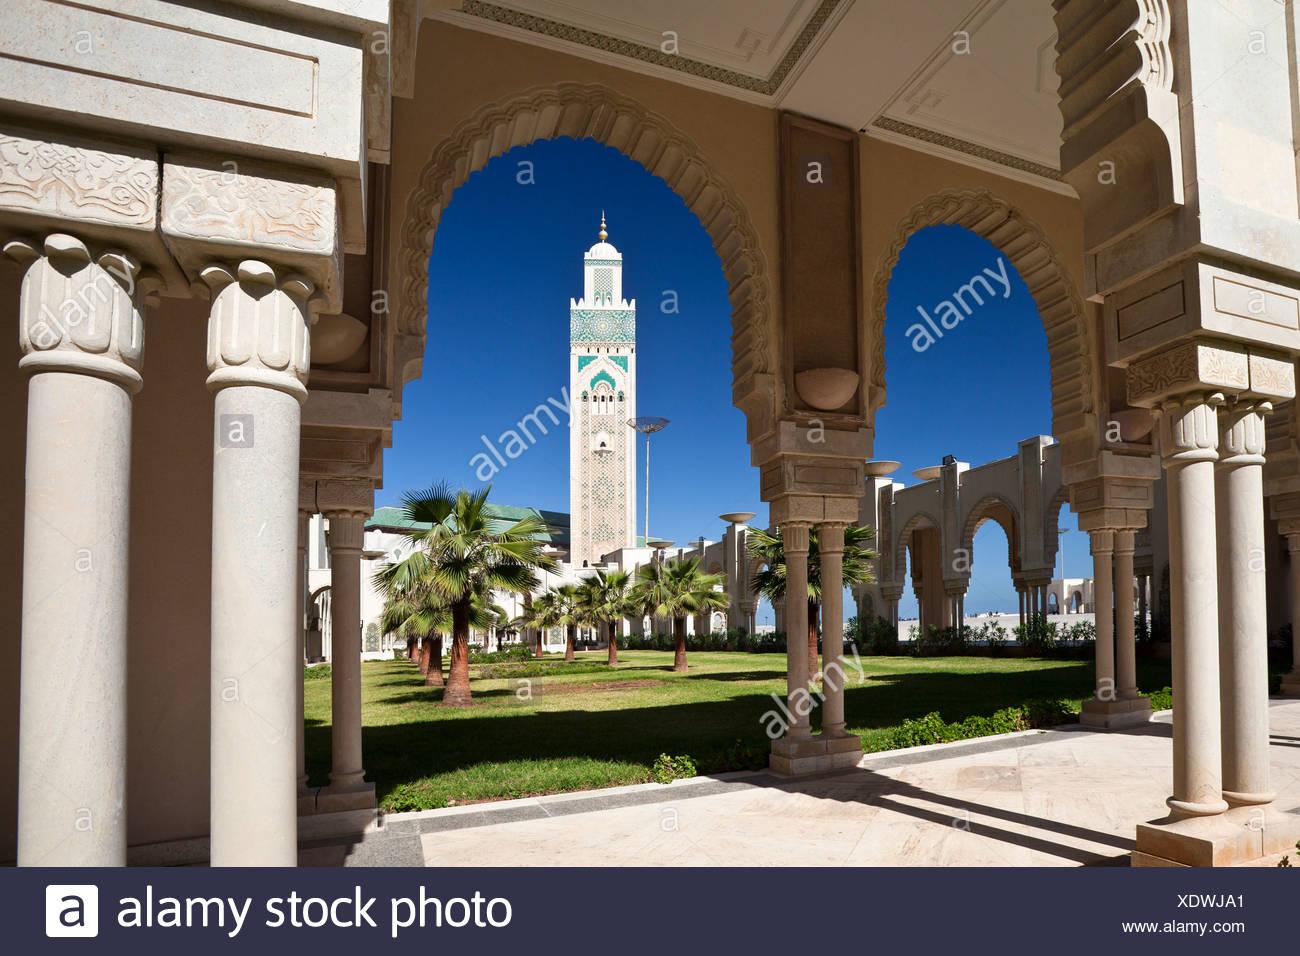 Il Marocco, Africa Settentrionale, Africa, Casablanca, Hassan II, la moschea, il più alto, alto minareto, 210 ms Immagini Stock